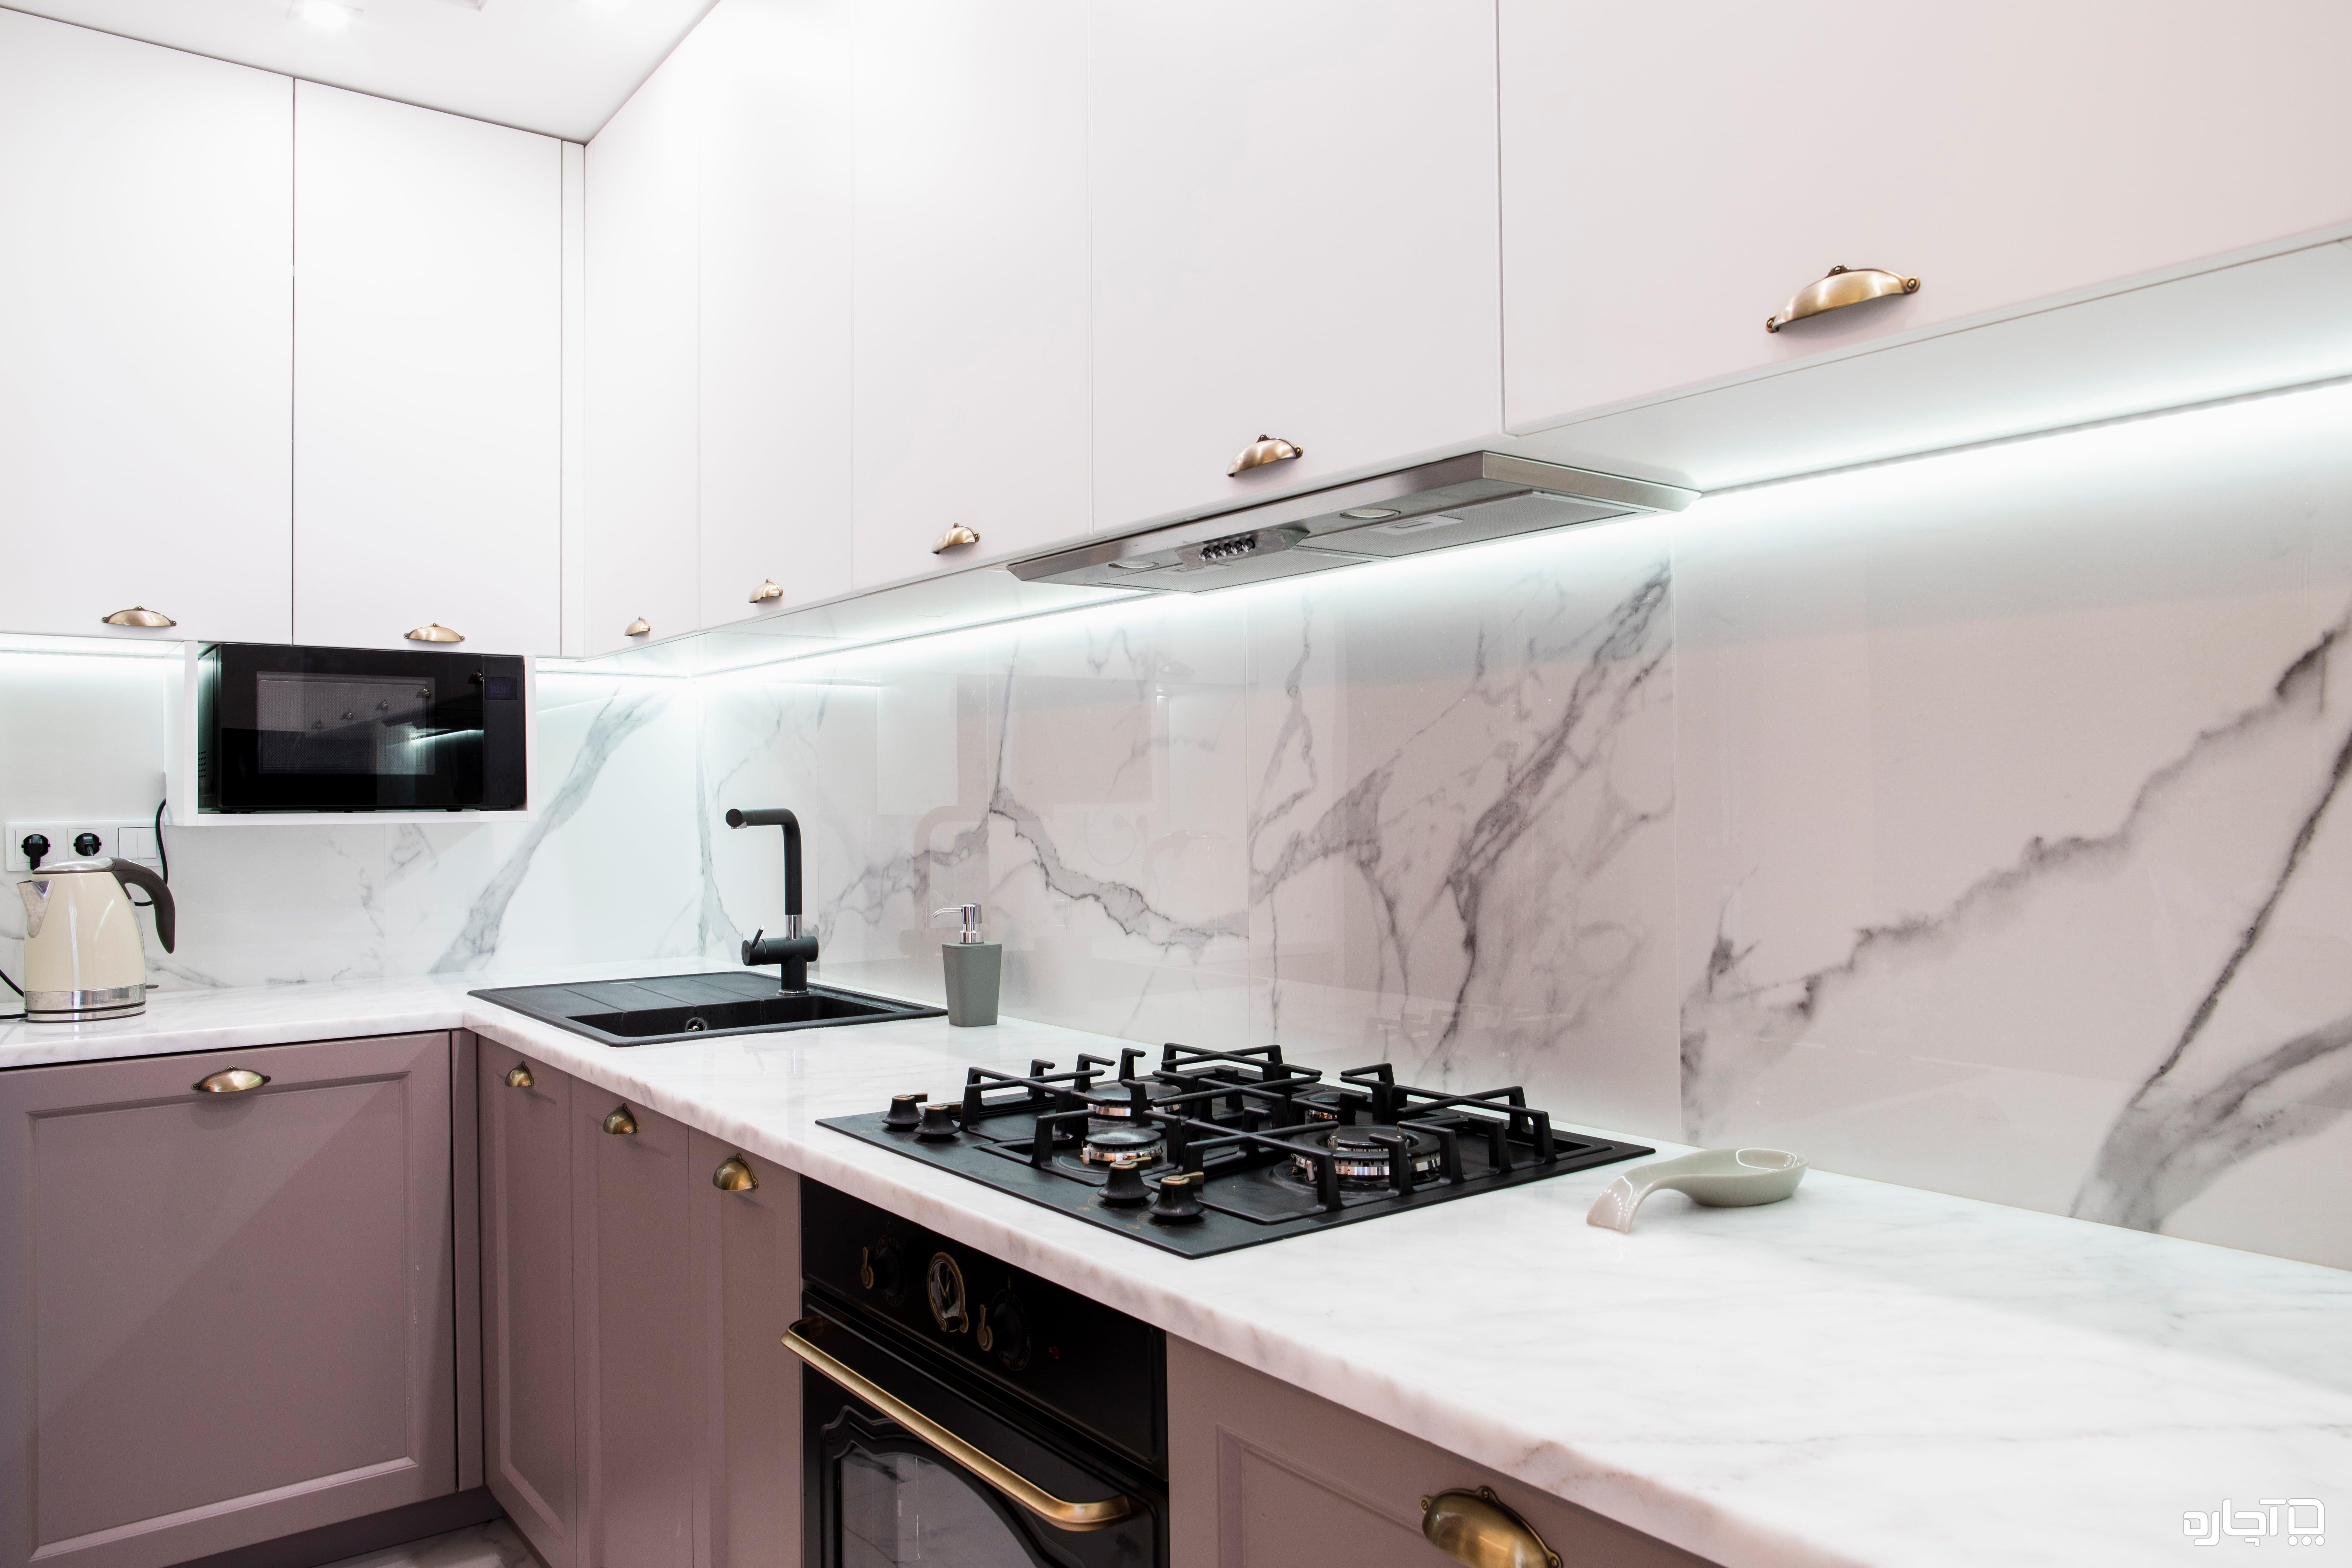 طراحی کابینت آشپزخانه امری بسیار مهم